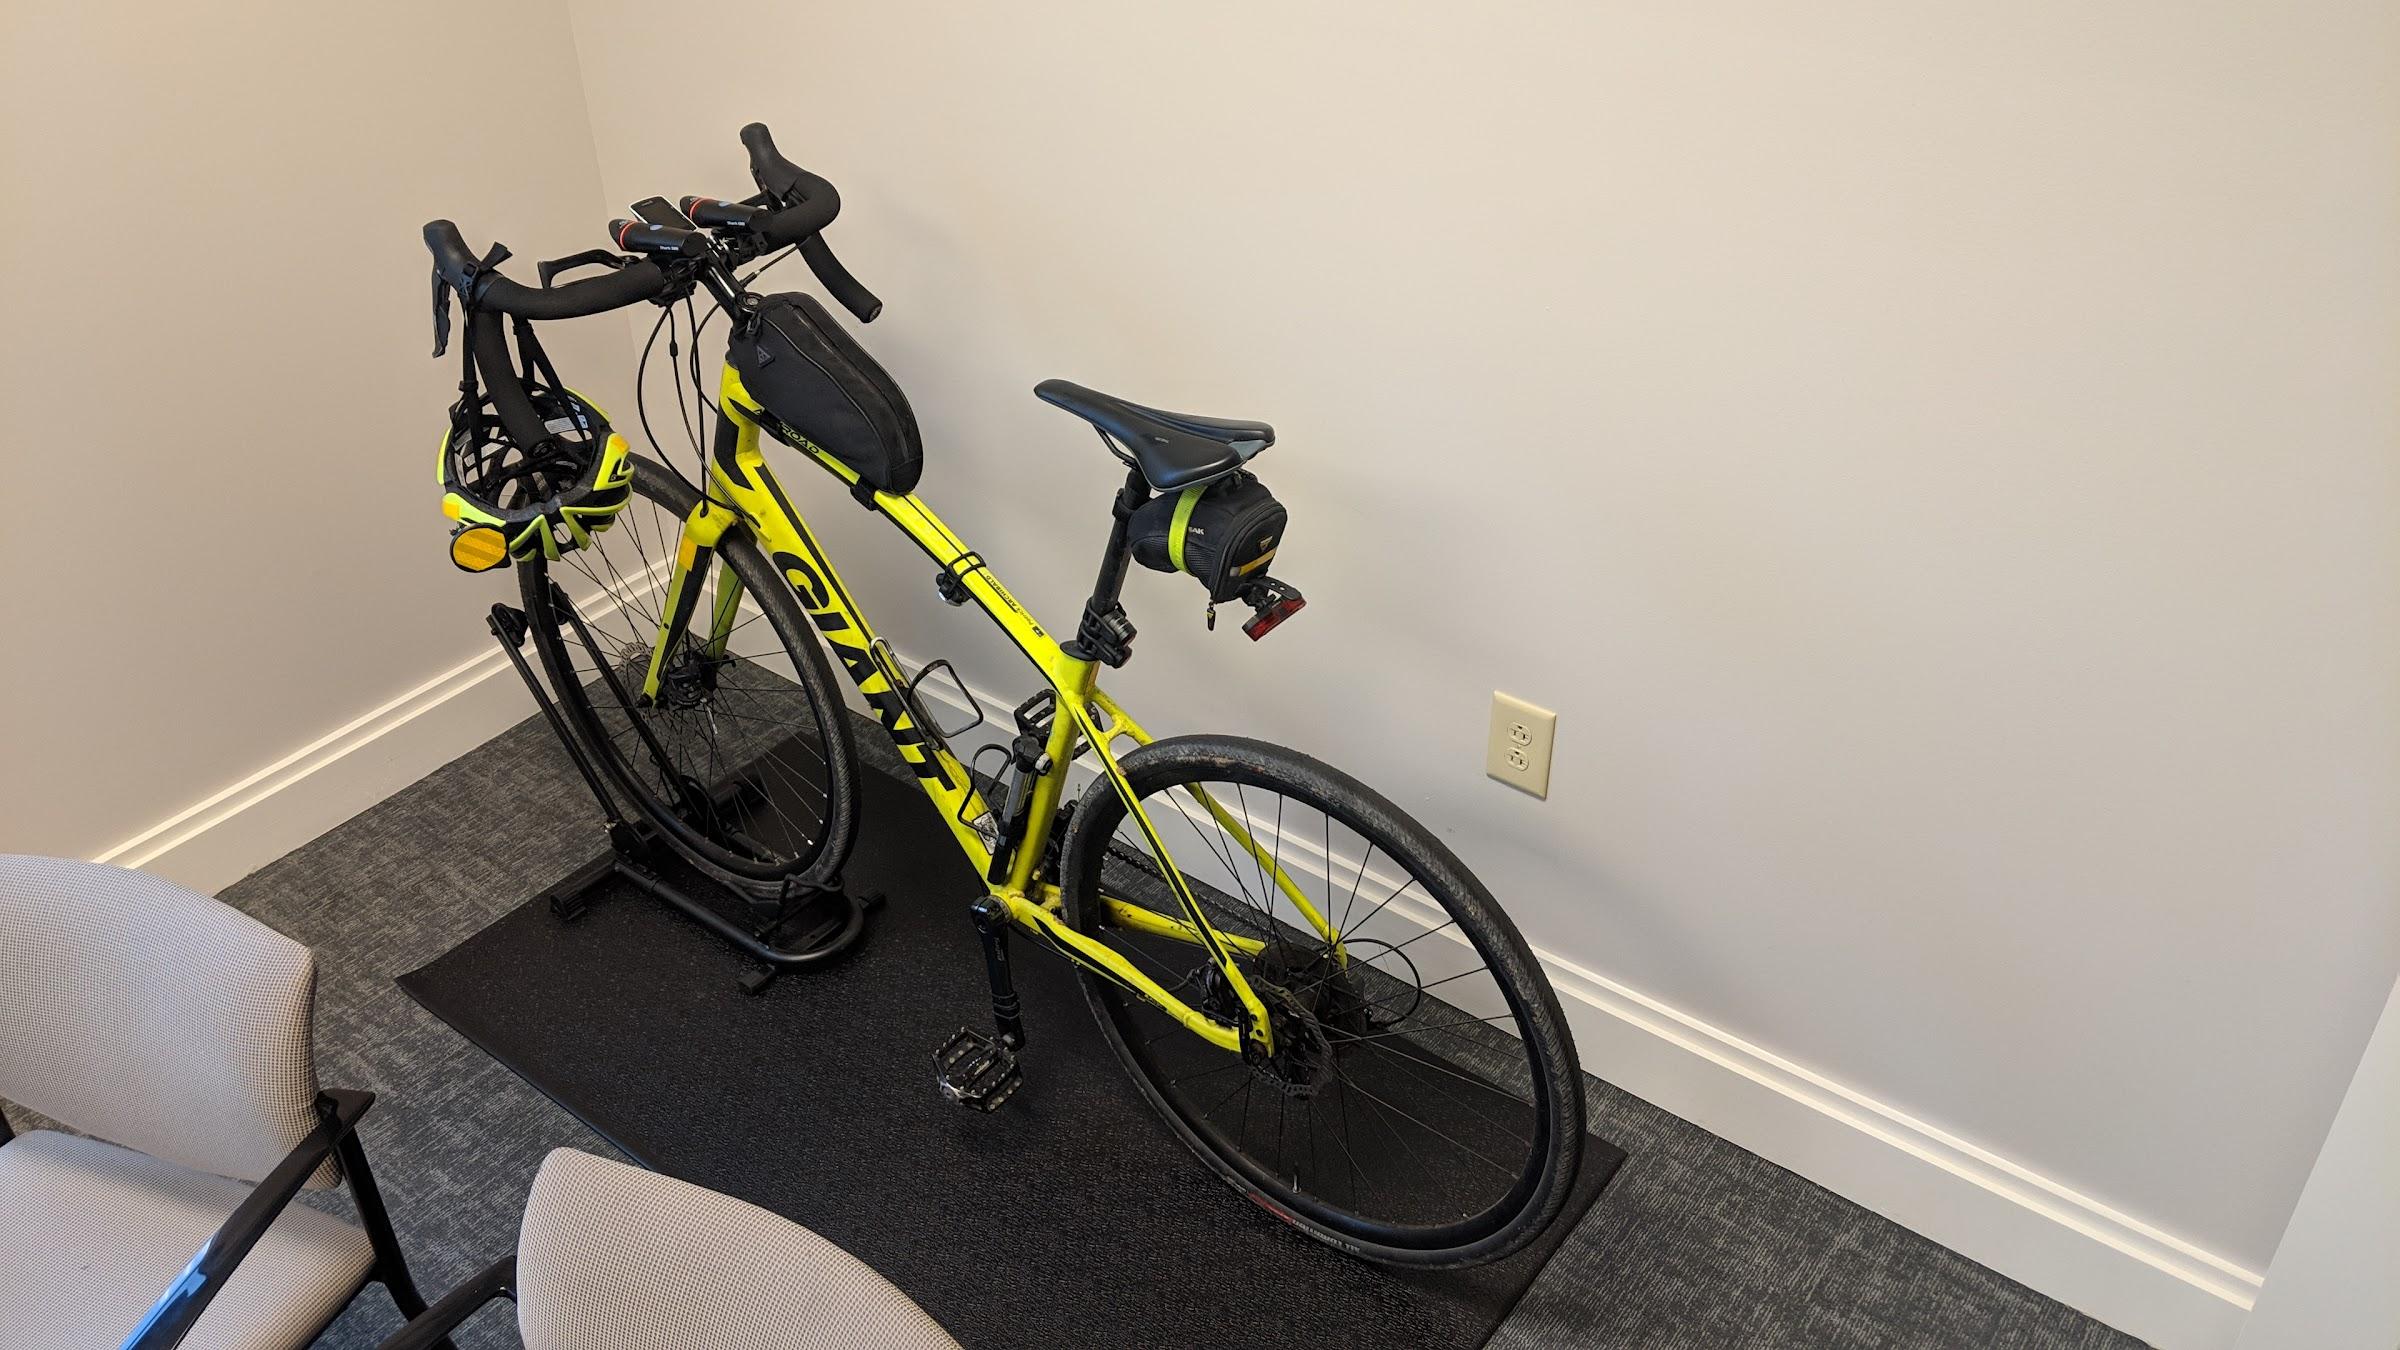 Bike parking mat